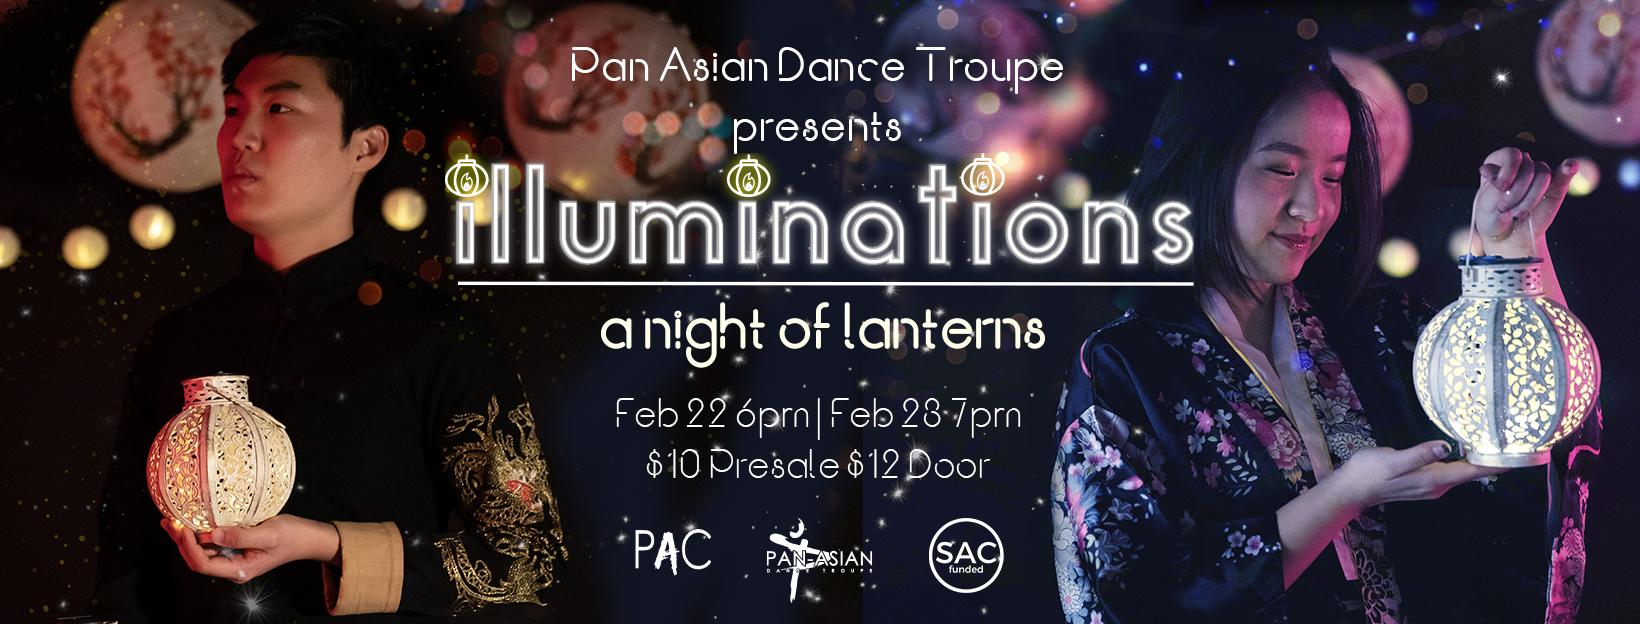 Illuminations Facebook Cover Final Version.jpg